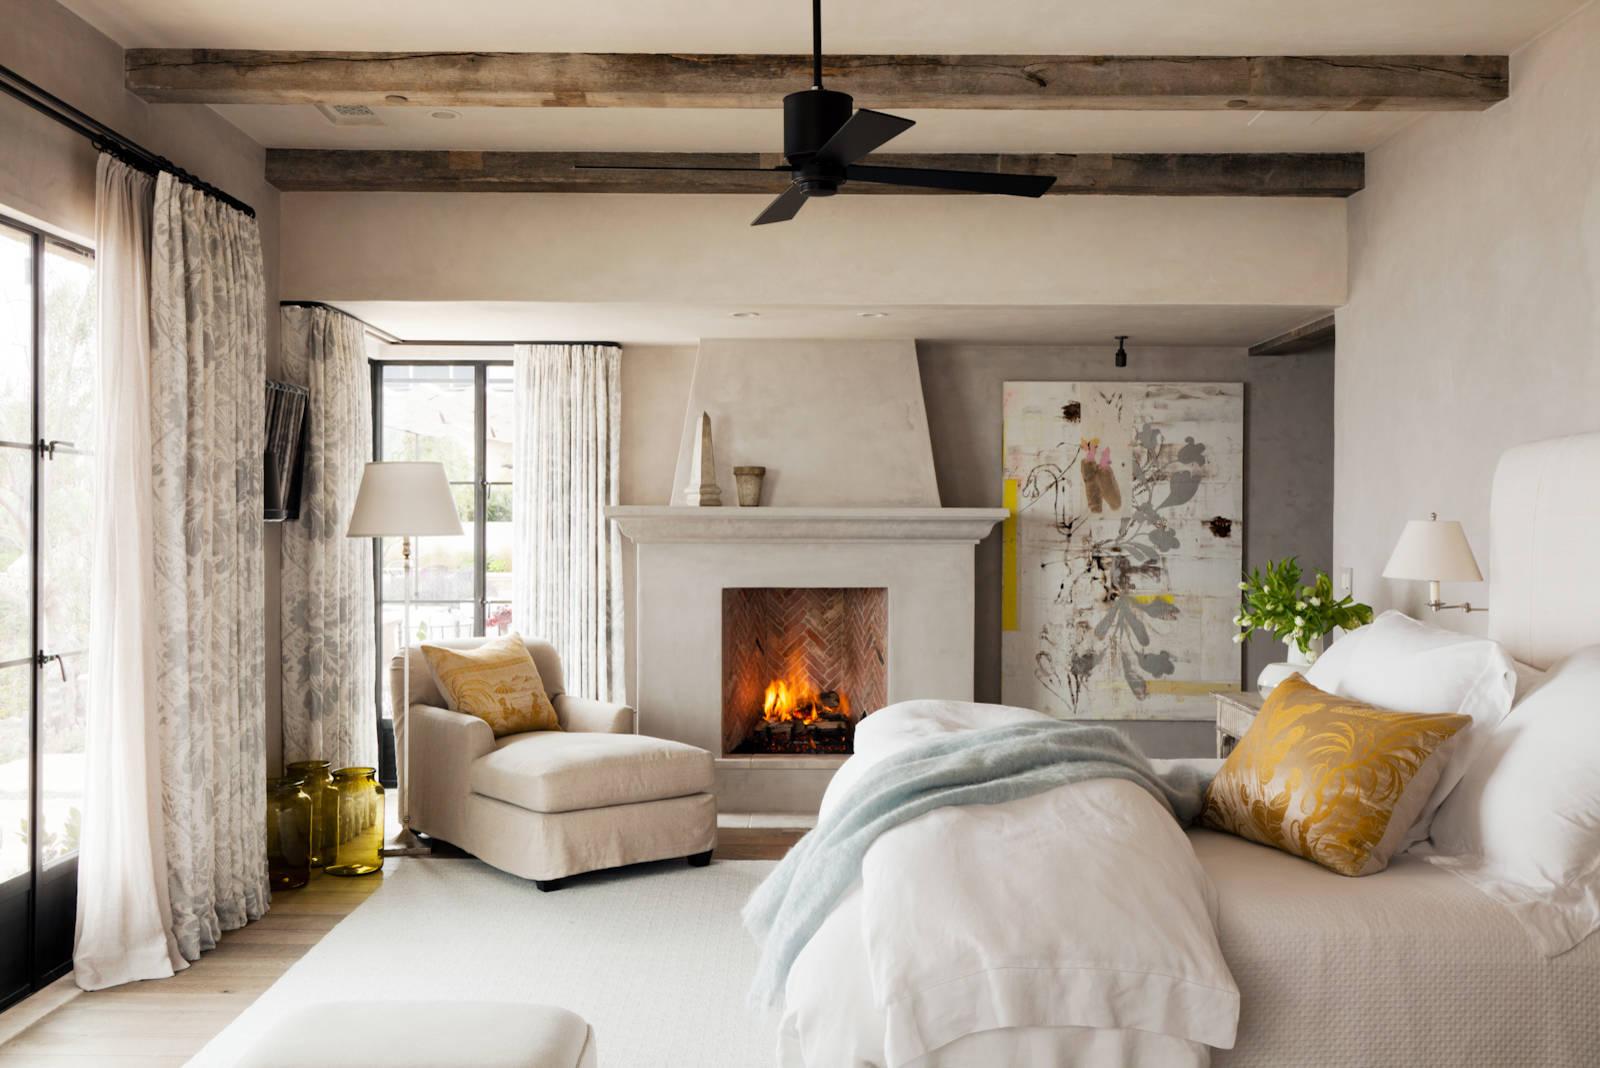 卧室中放置着白色原木四柱大床,很是贞洁雅致。